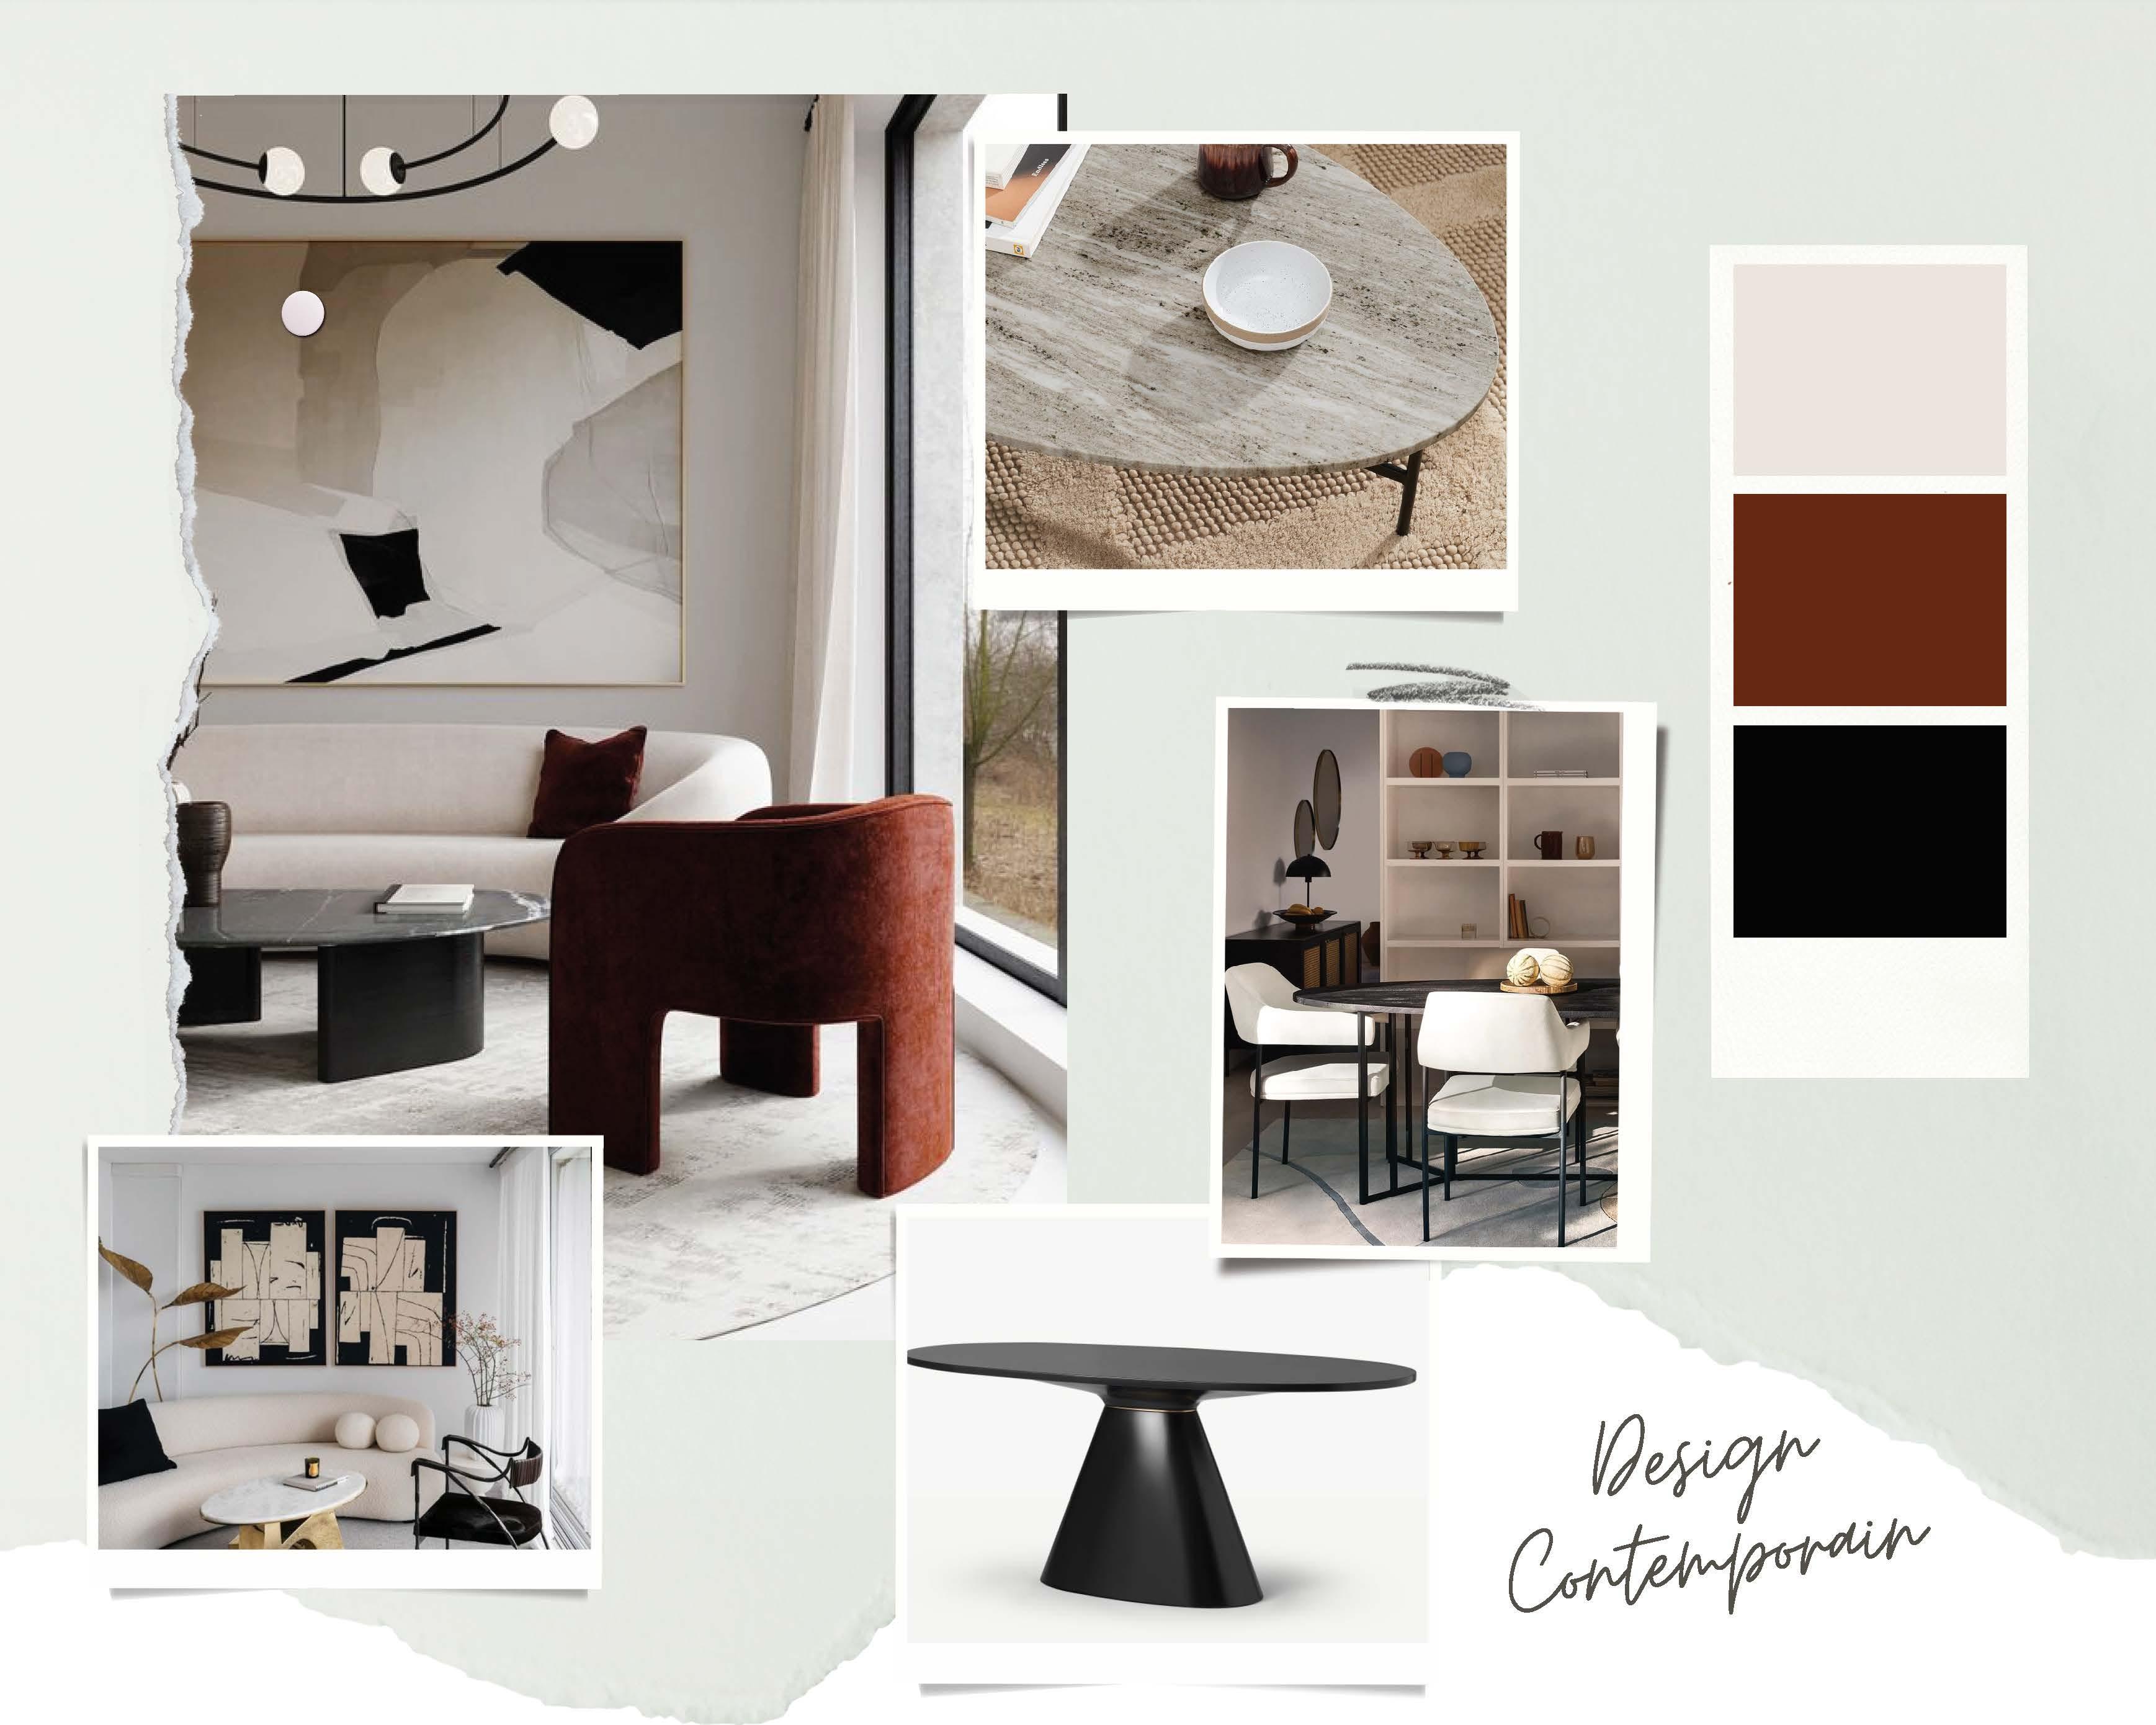 Décoration d'intérieur design contemporain